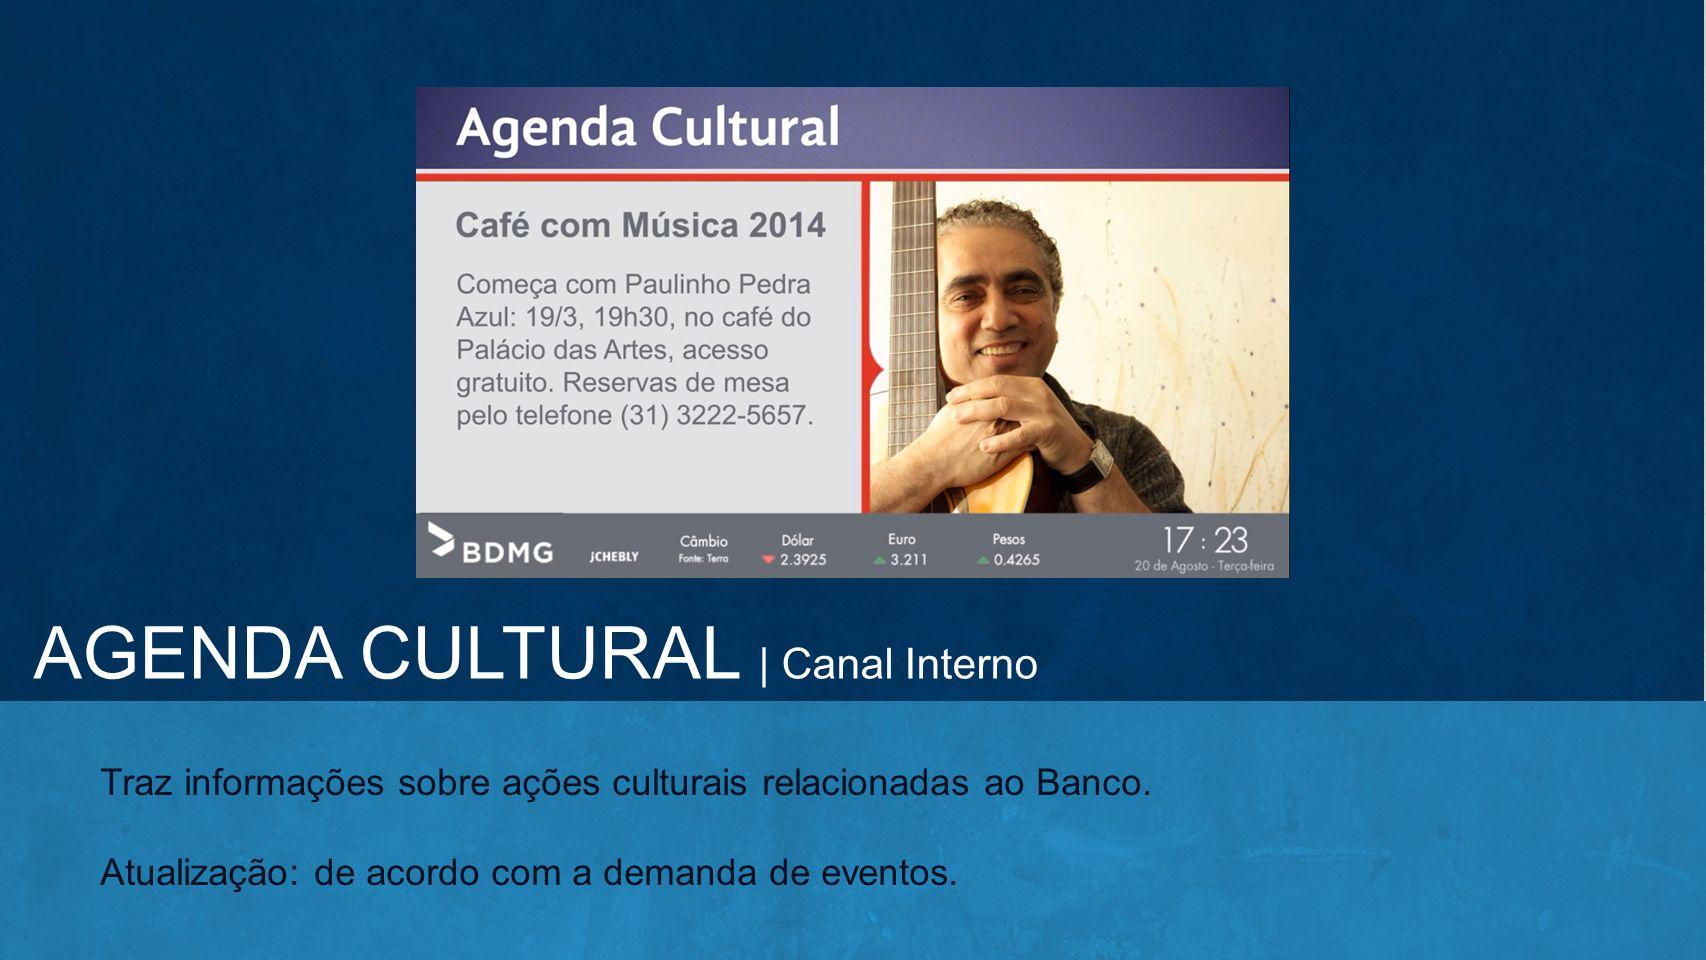 Traz informações sobre ações culturais relacionadas ao Banco. Atualização: de acordo com a demanda de eventos. AGENDA CULTURAL | Canal Interno